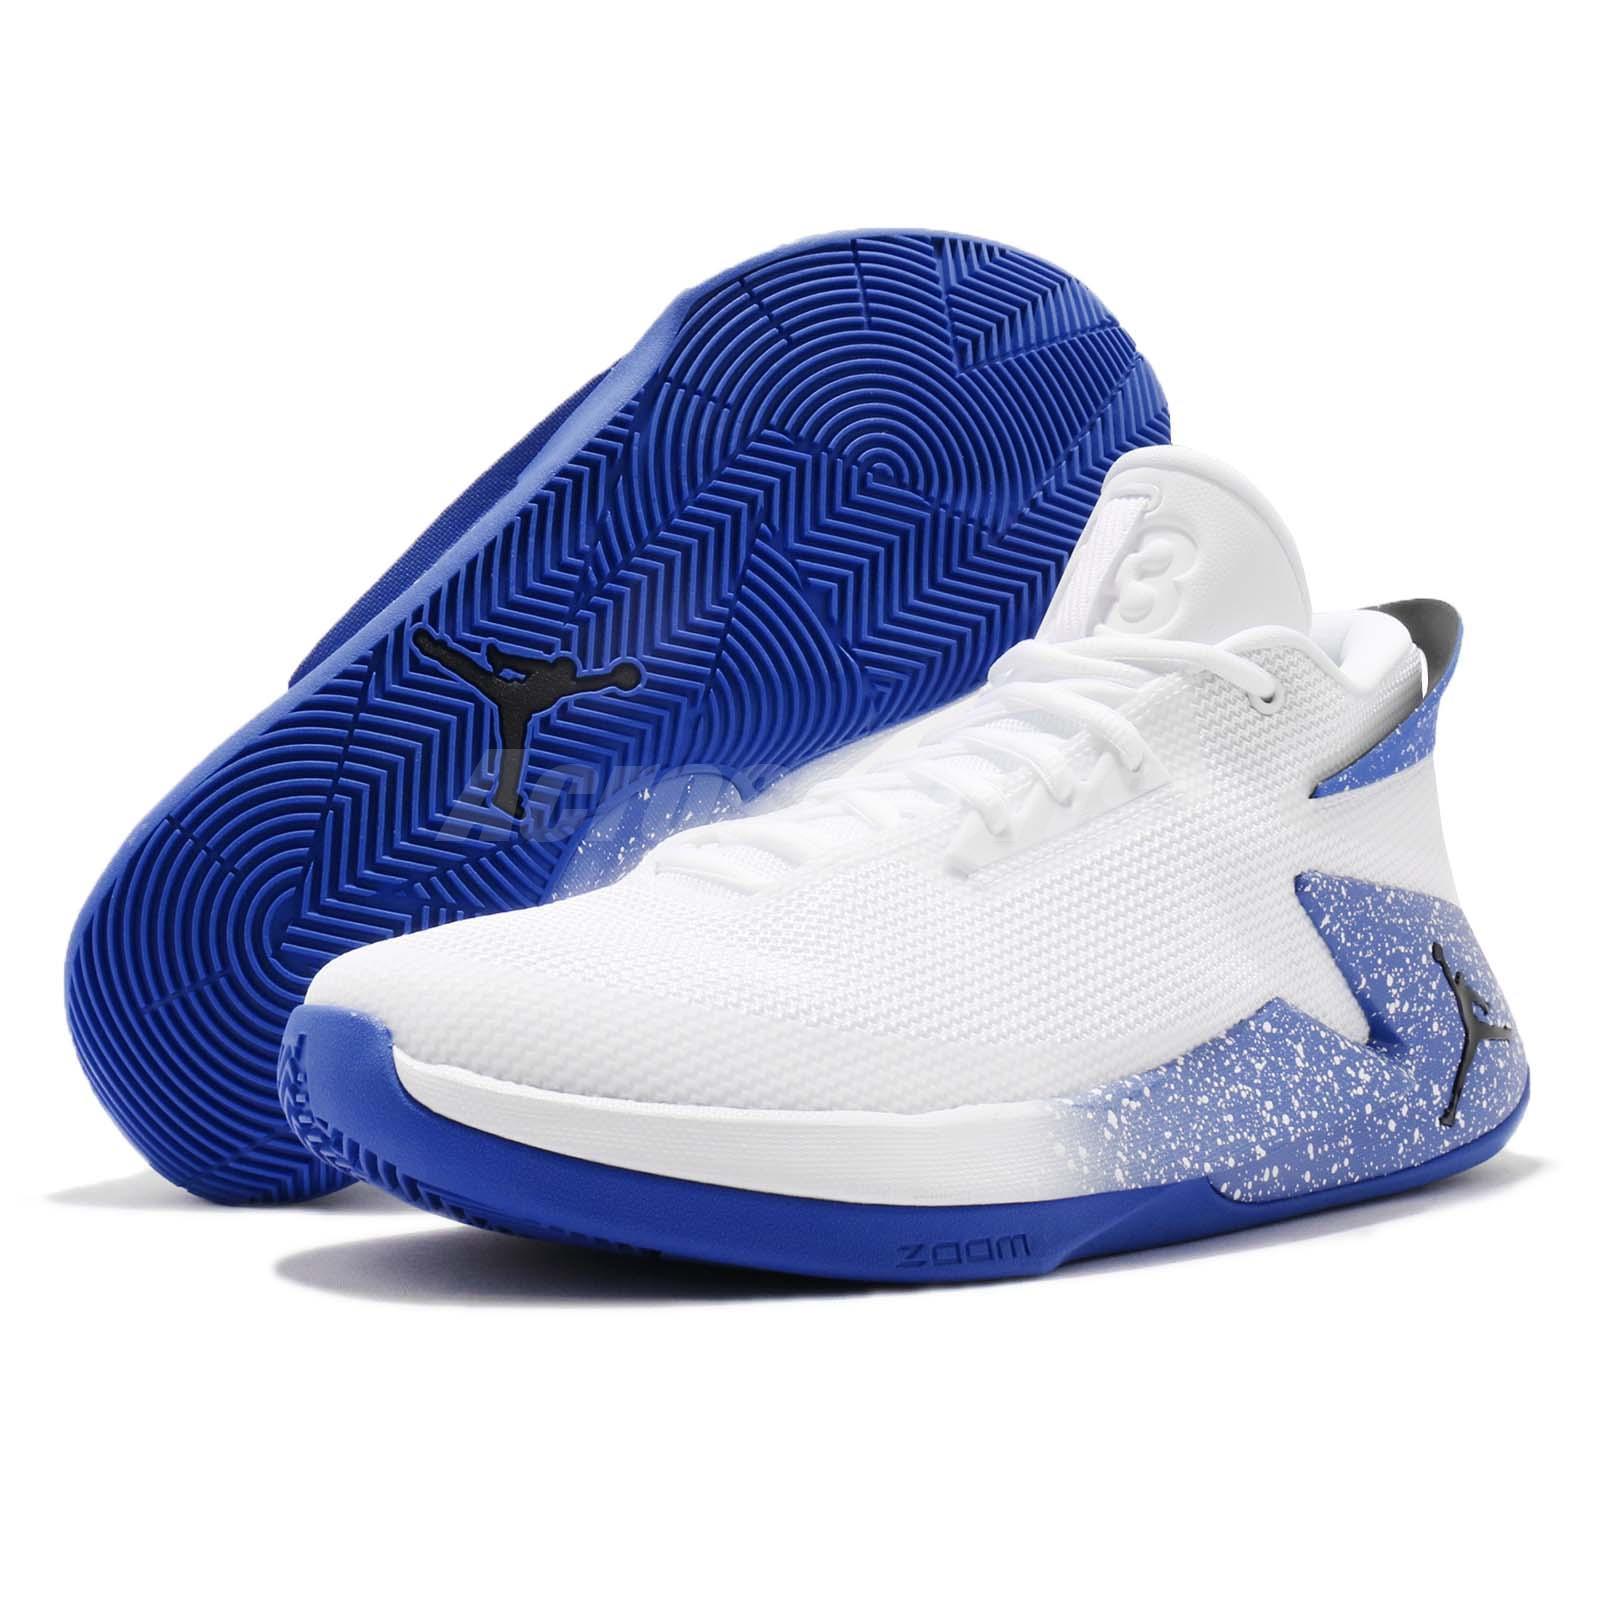 45a6783eceb34a Nike Jordan Fly Lockdown PFX White Hyper Royal Men Basketball Shoes ...